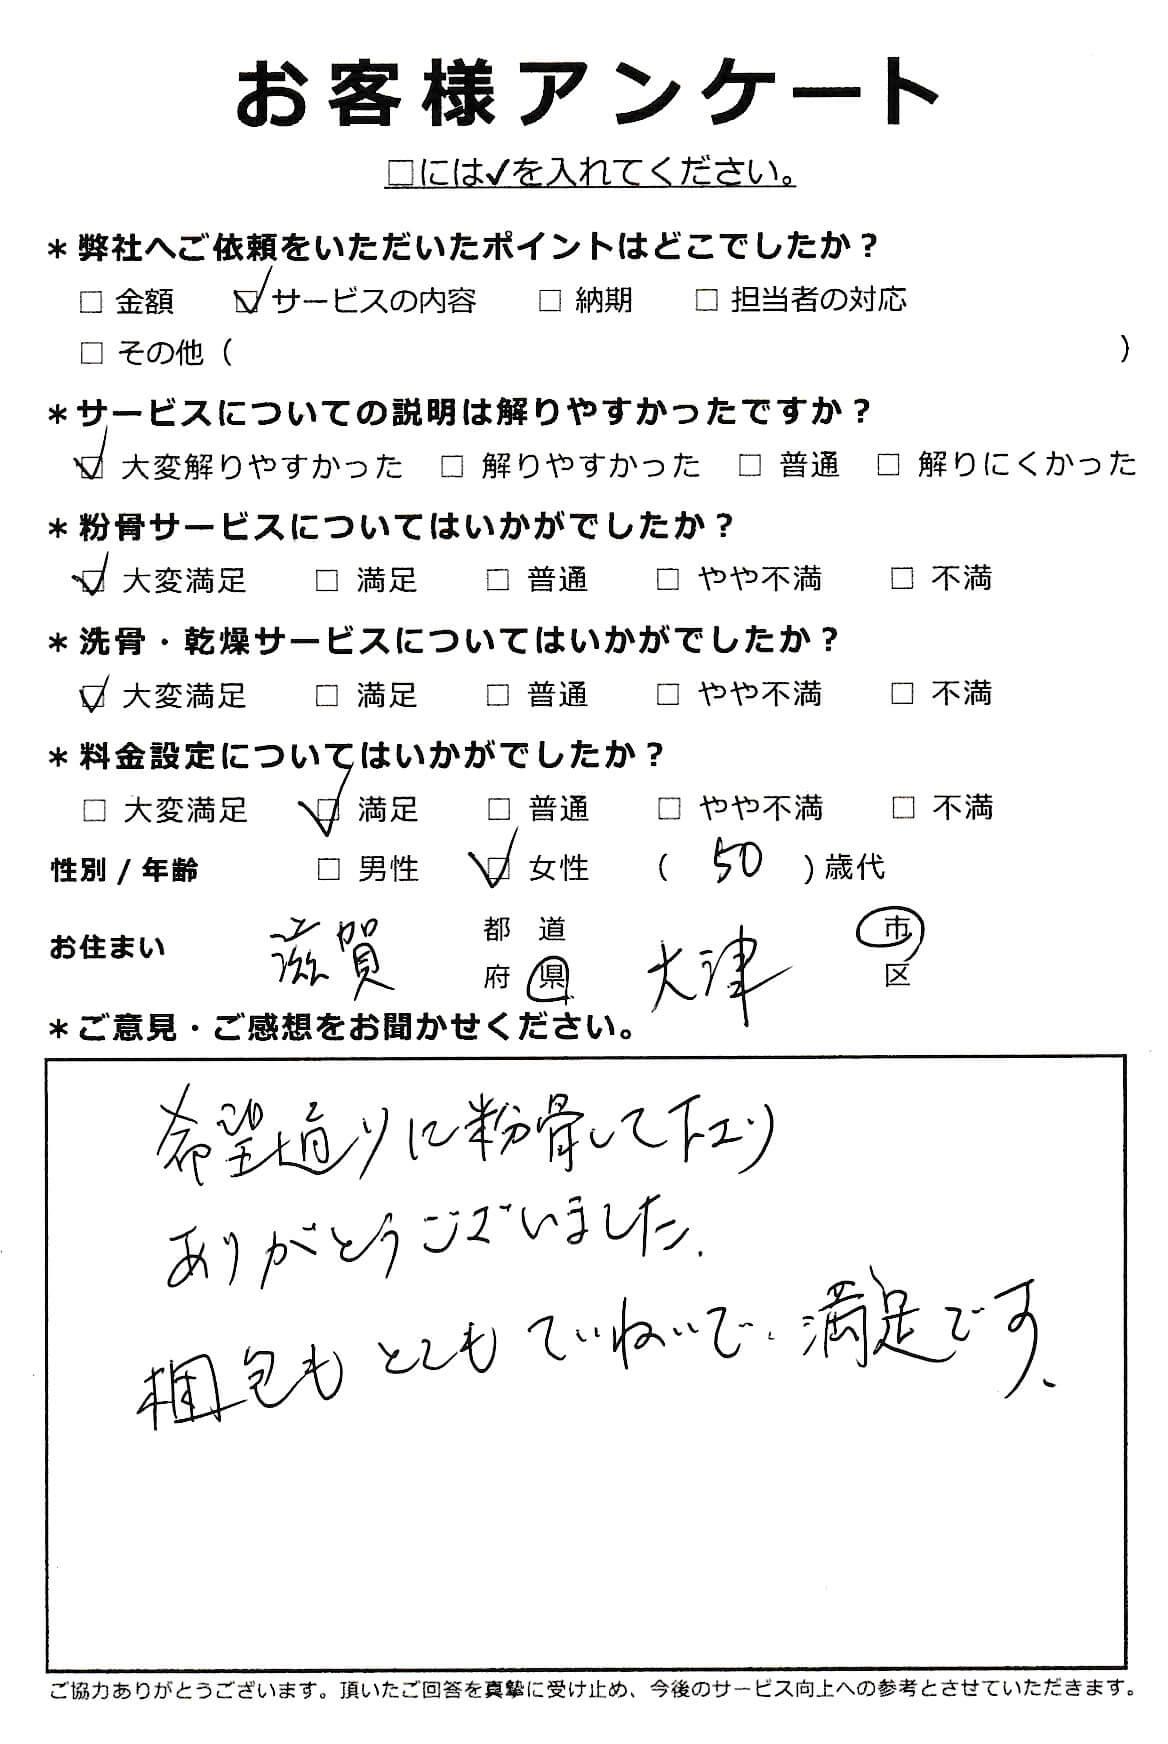 滋賀県大津市での粉骨・散骨サービス